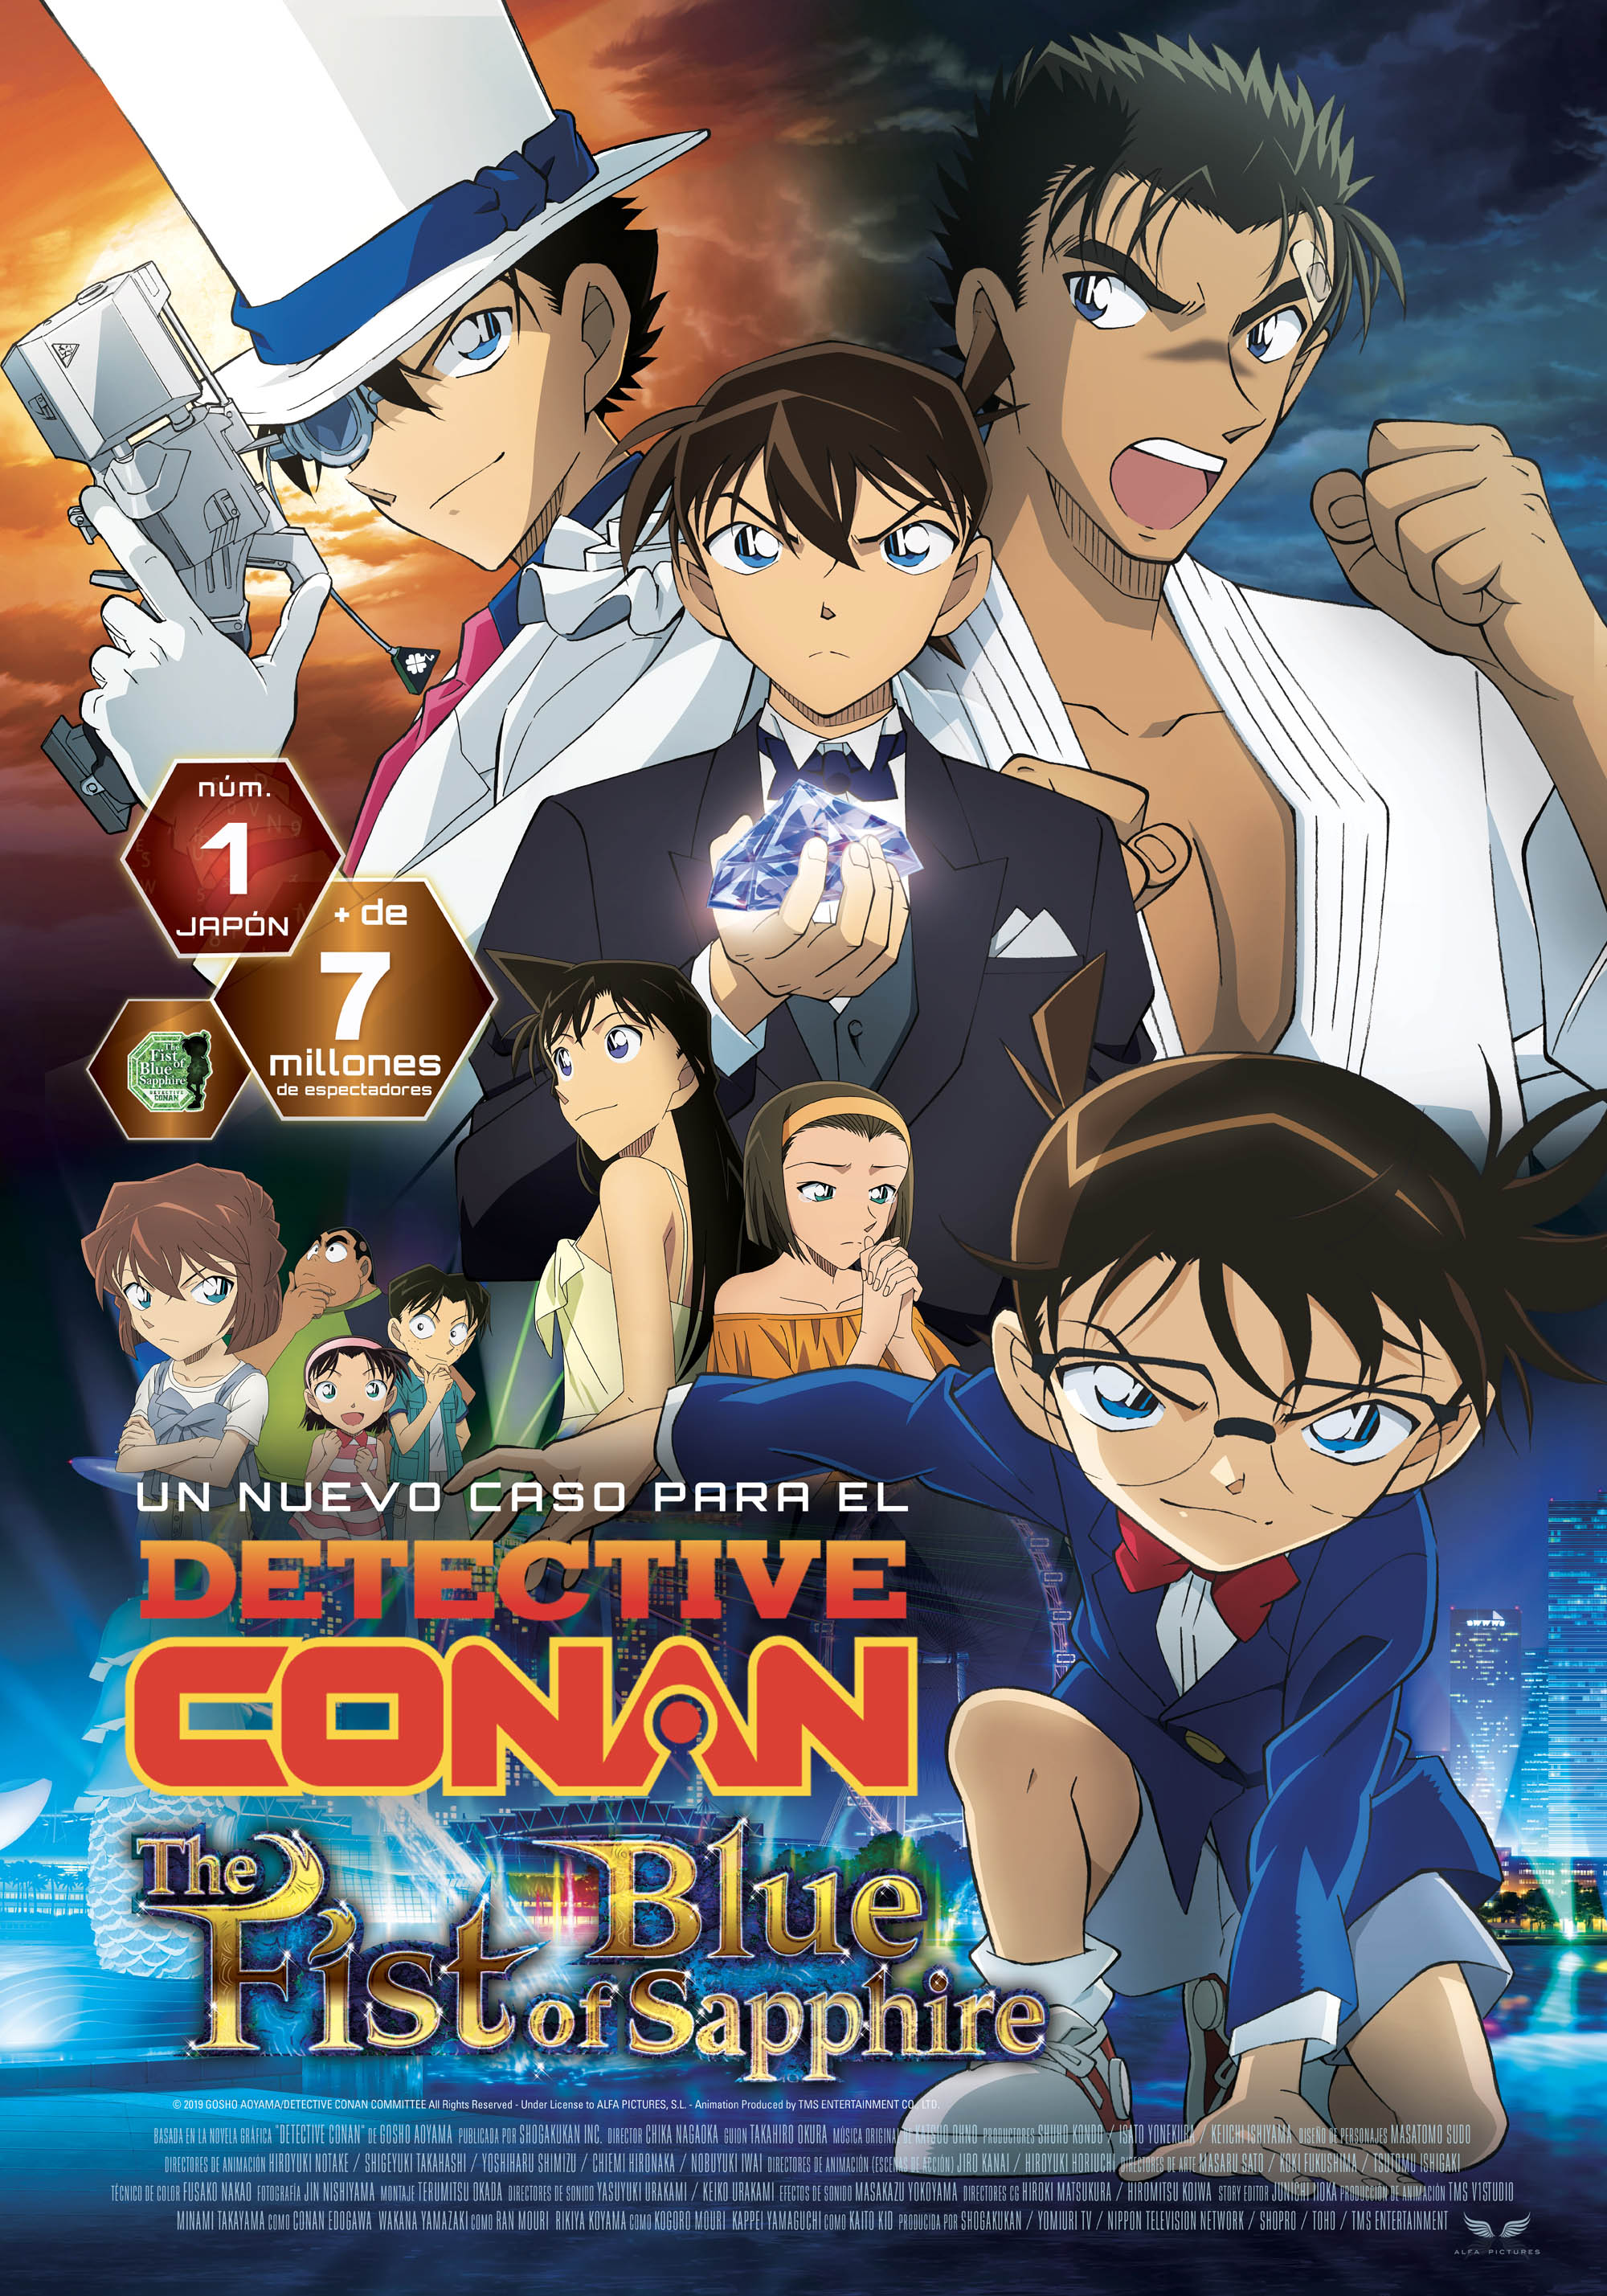 DETECTIVE-CONAN-El-Pu-o-De-Zafiro-Azul.jpg